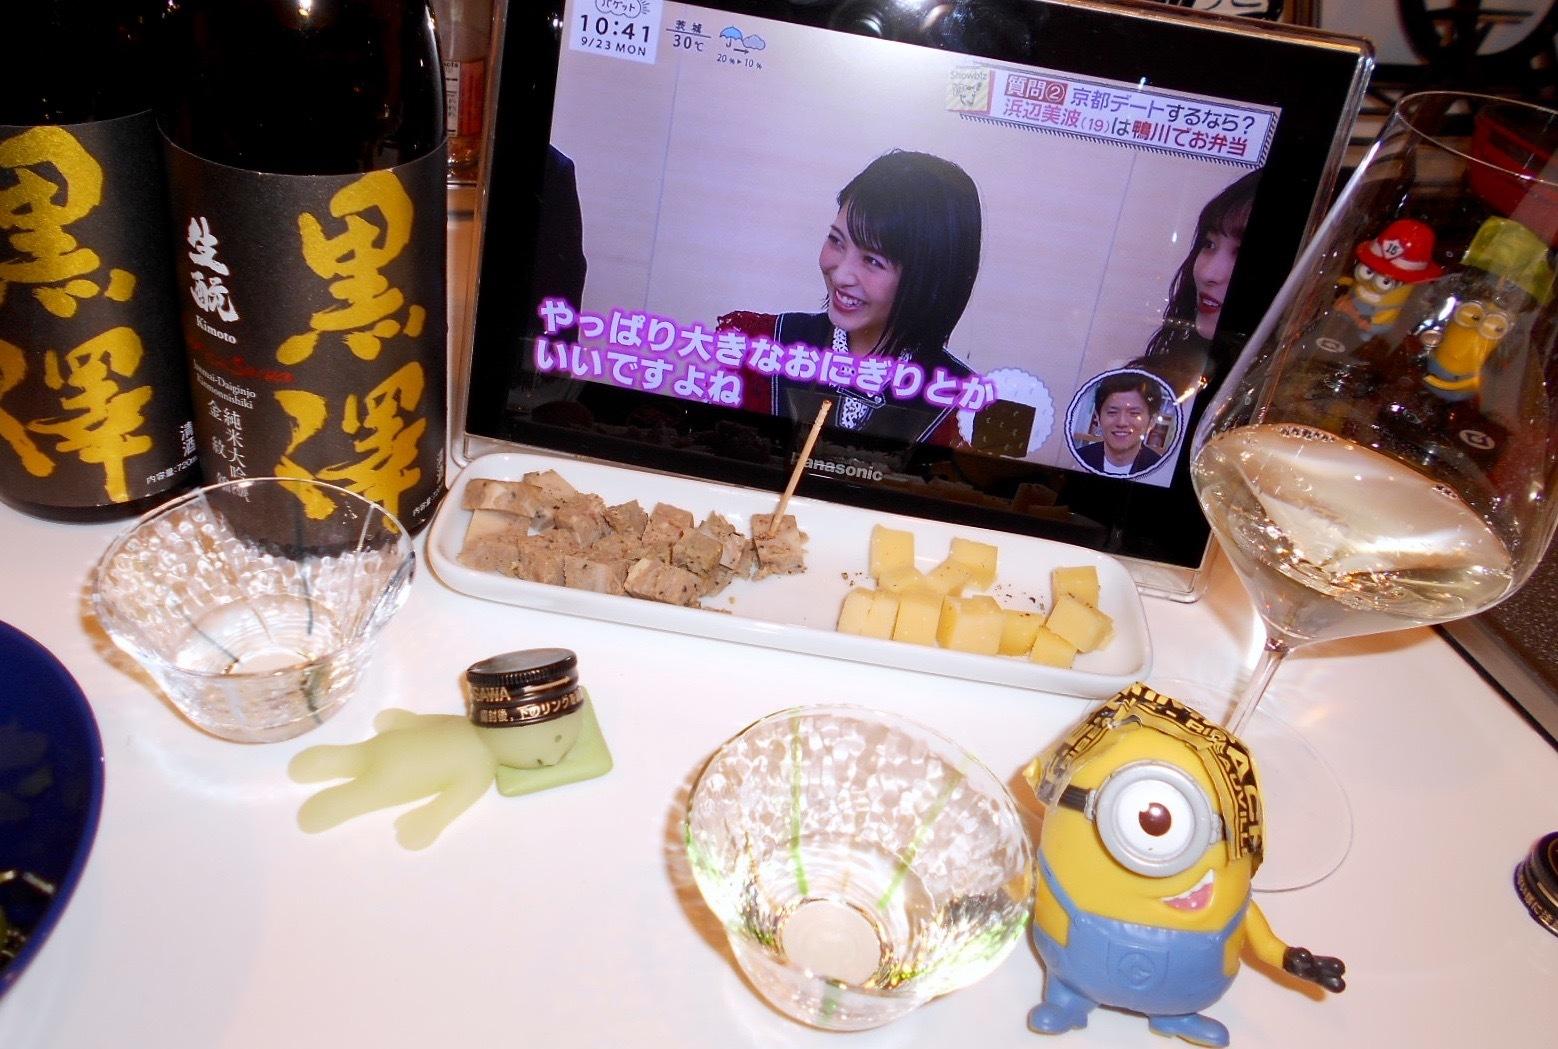 kurosawa_kinmon29by2_9.jpg